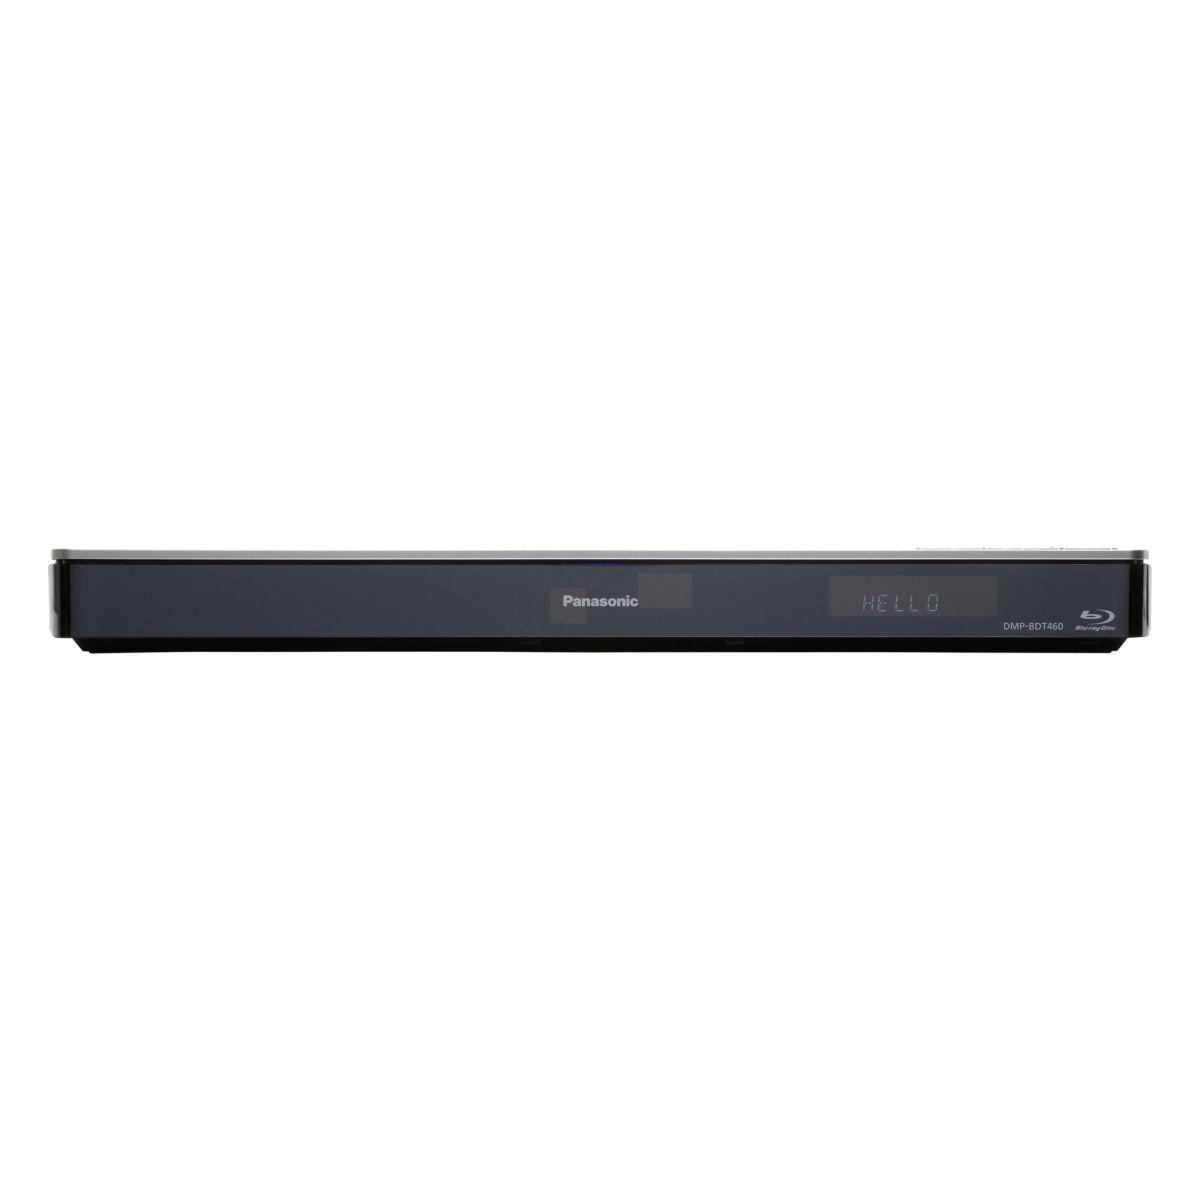 Lecteur blu-ray 3d smart tv wifi 4k panasonic dmpbdt460 - 5% de remise : code multi5 (photo)